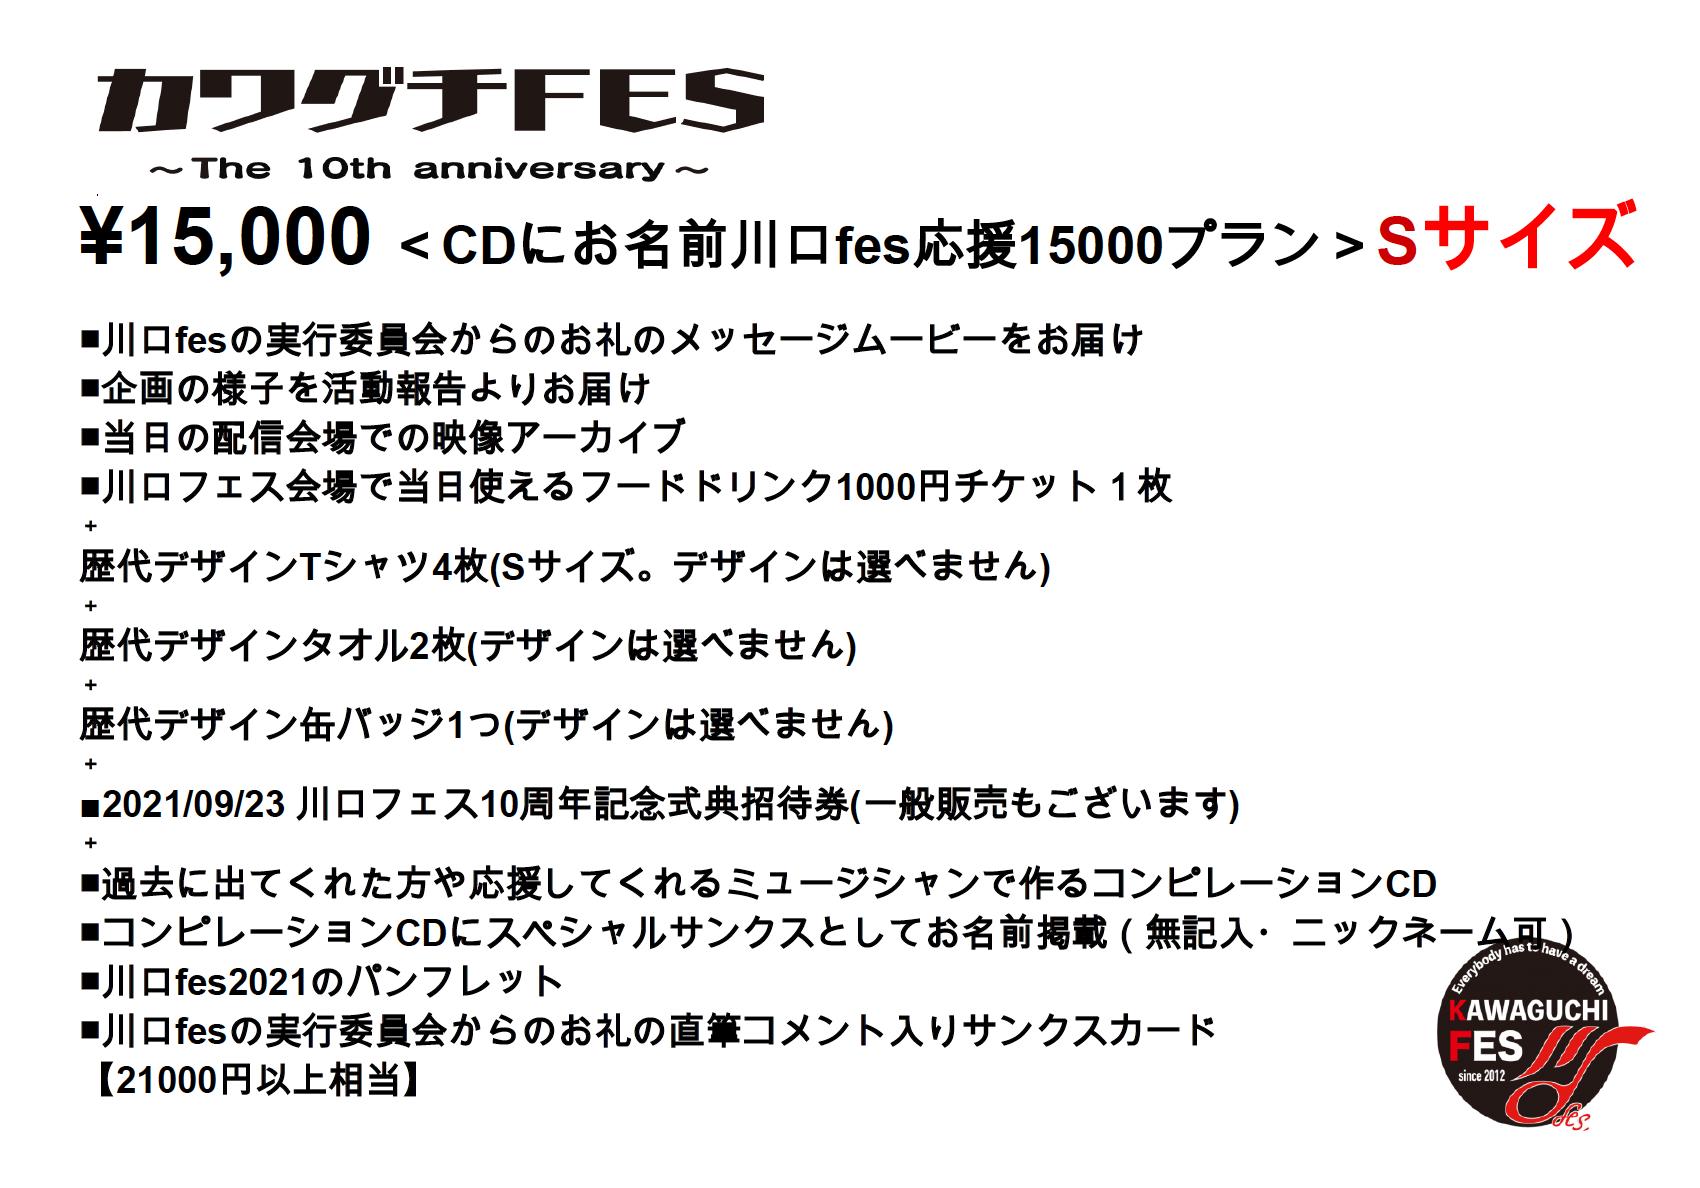 <CDにお名前川口フェス応援15000プラン Sサイズ>